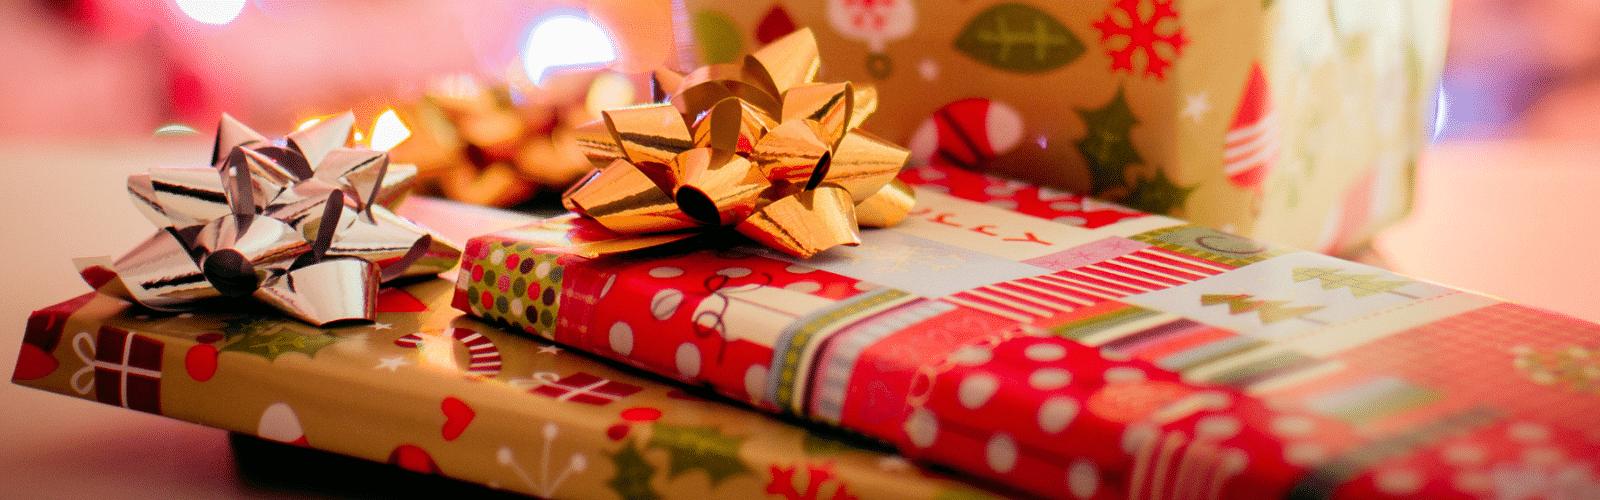 Cadeaux de Noël : 11 jeux et jouets tendances à offrir cette année !